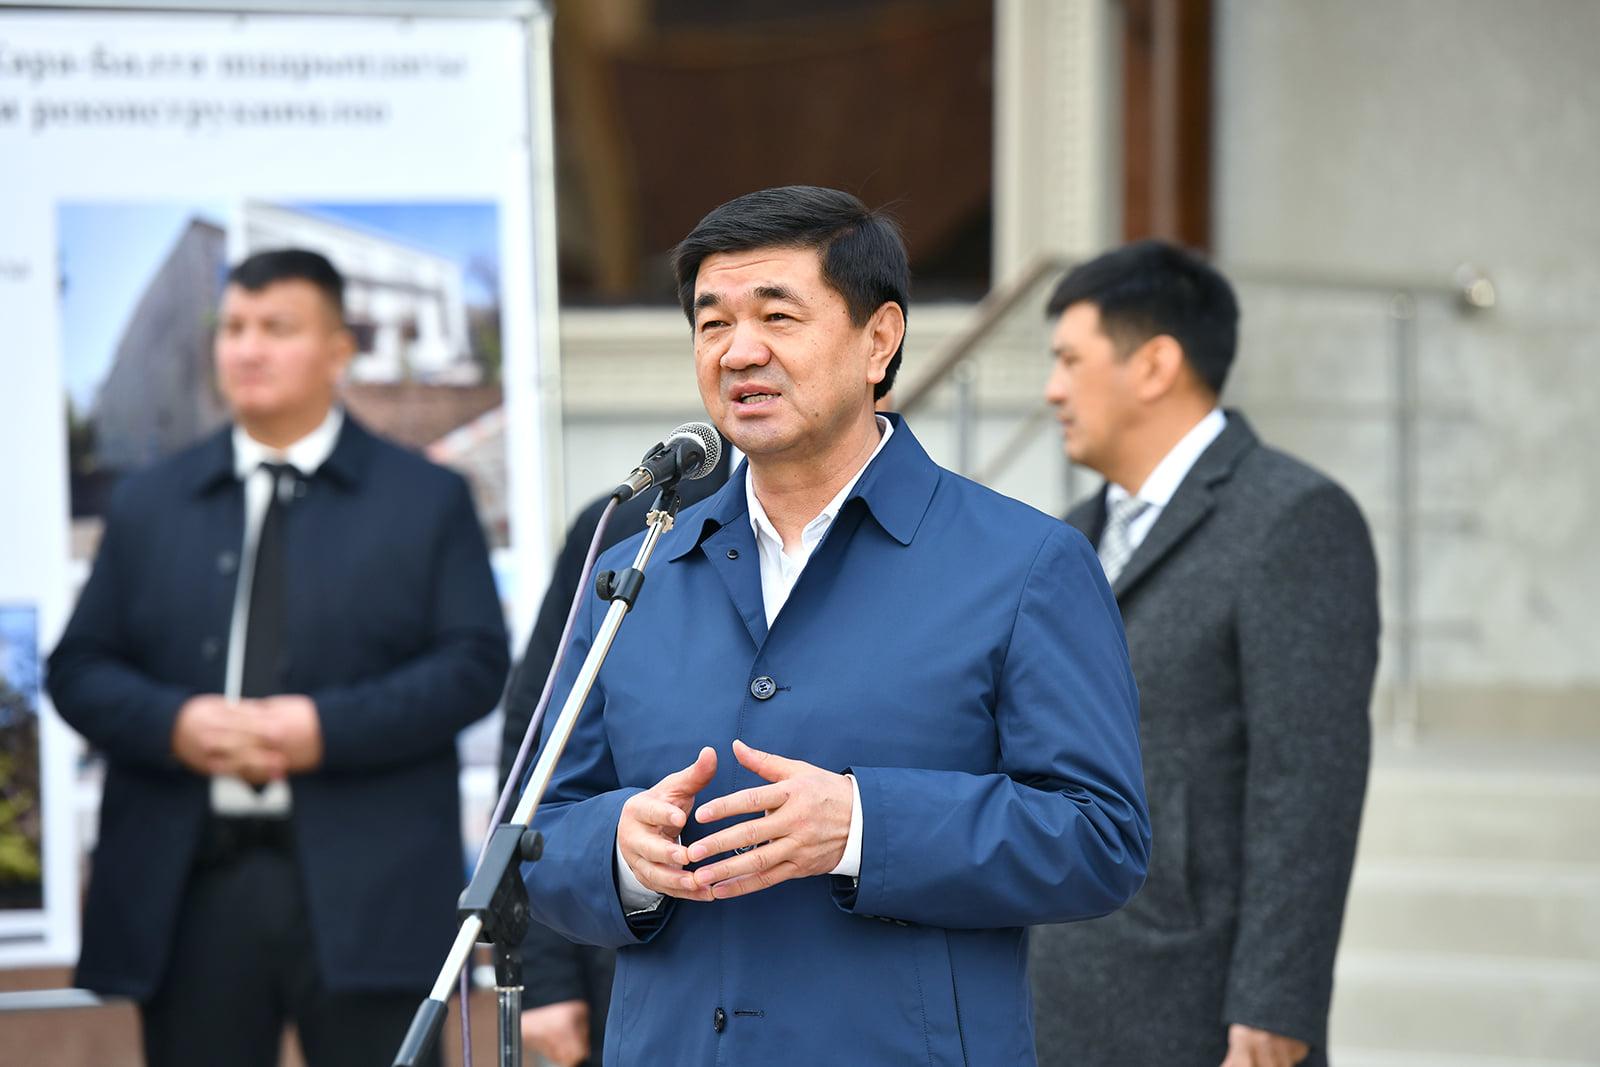 Премьер-министр Абылгазиев Нарынга барат